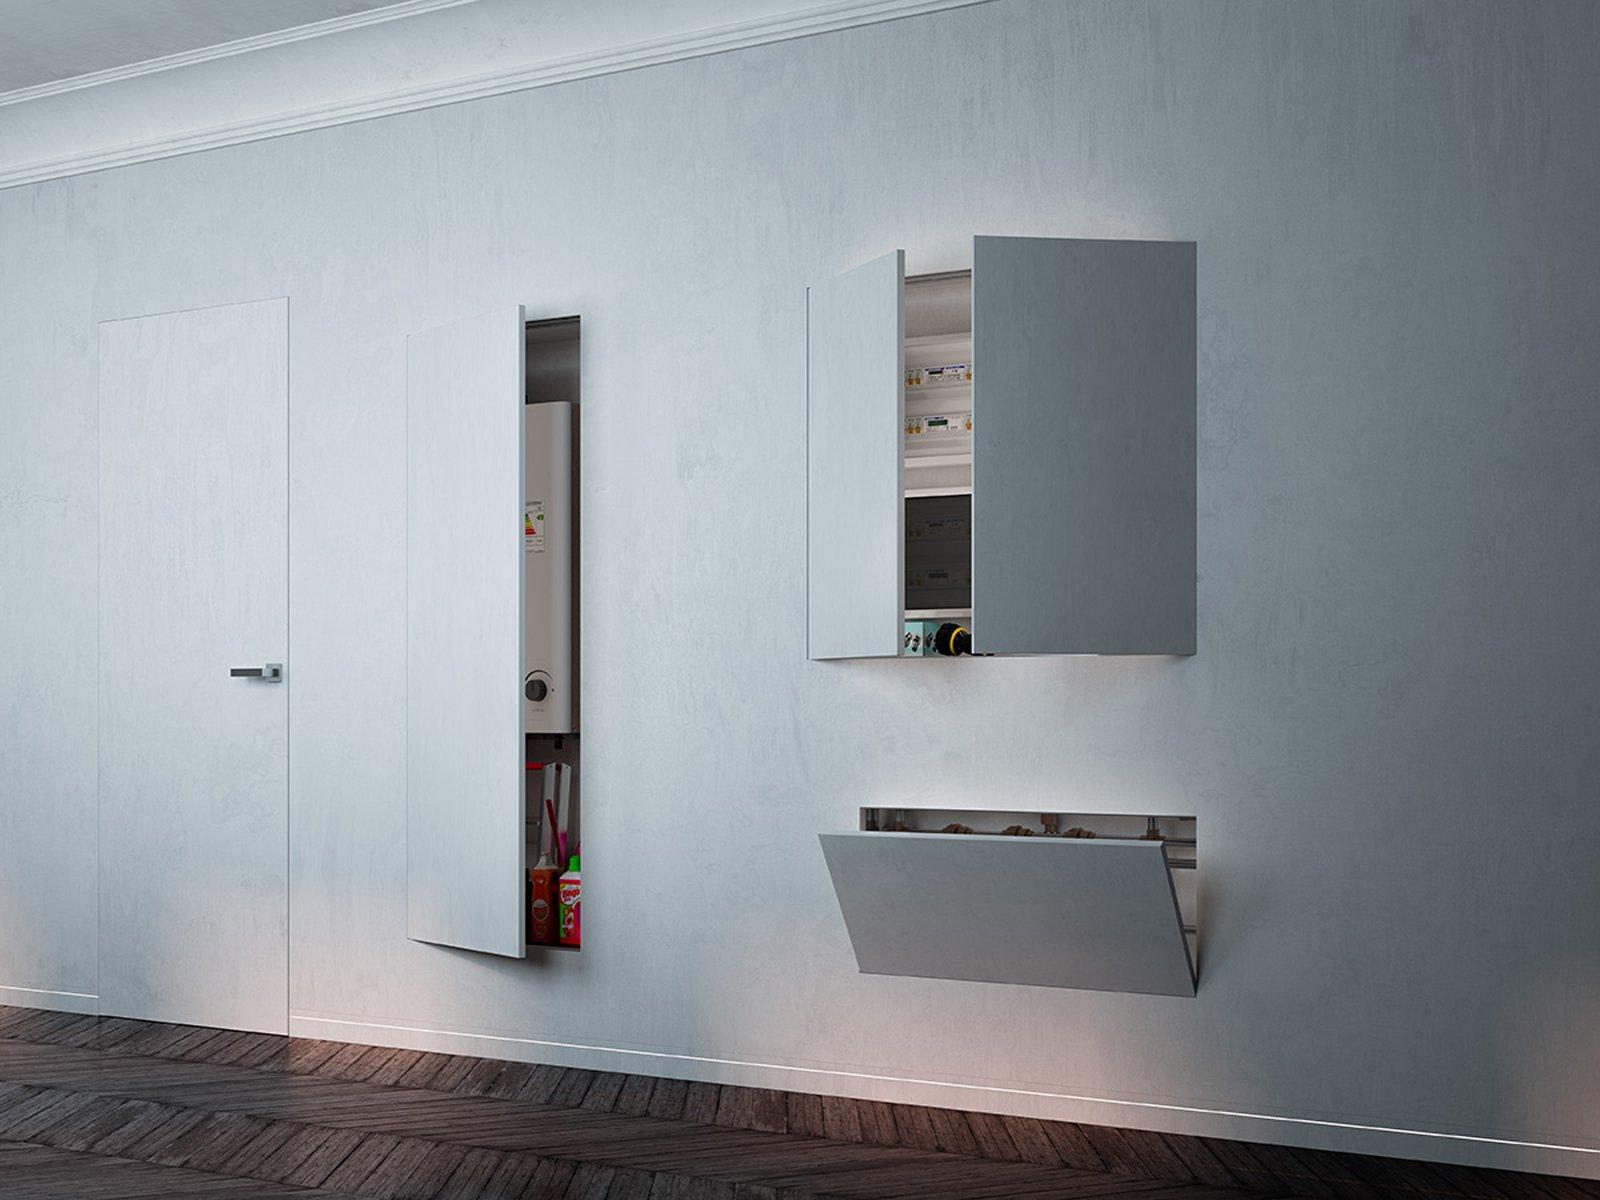 Sfruttare bene lo spazio con porte e contenitori a - Porta a scomparsa cartongesso ...